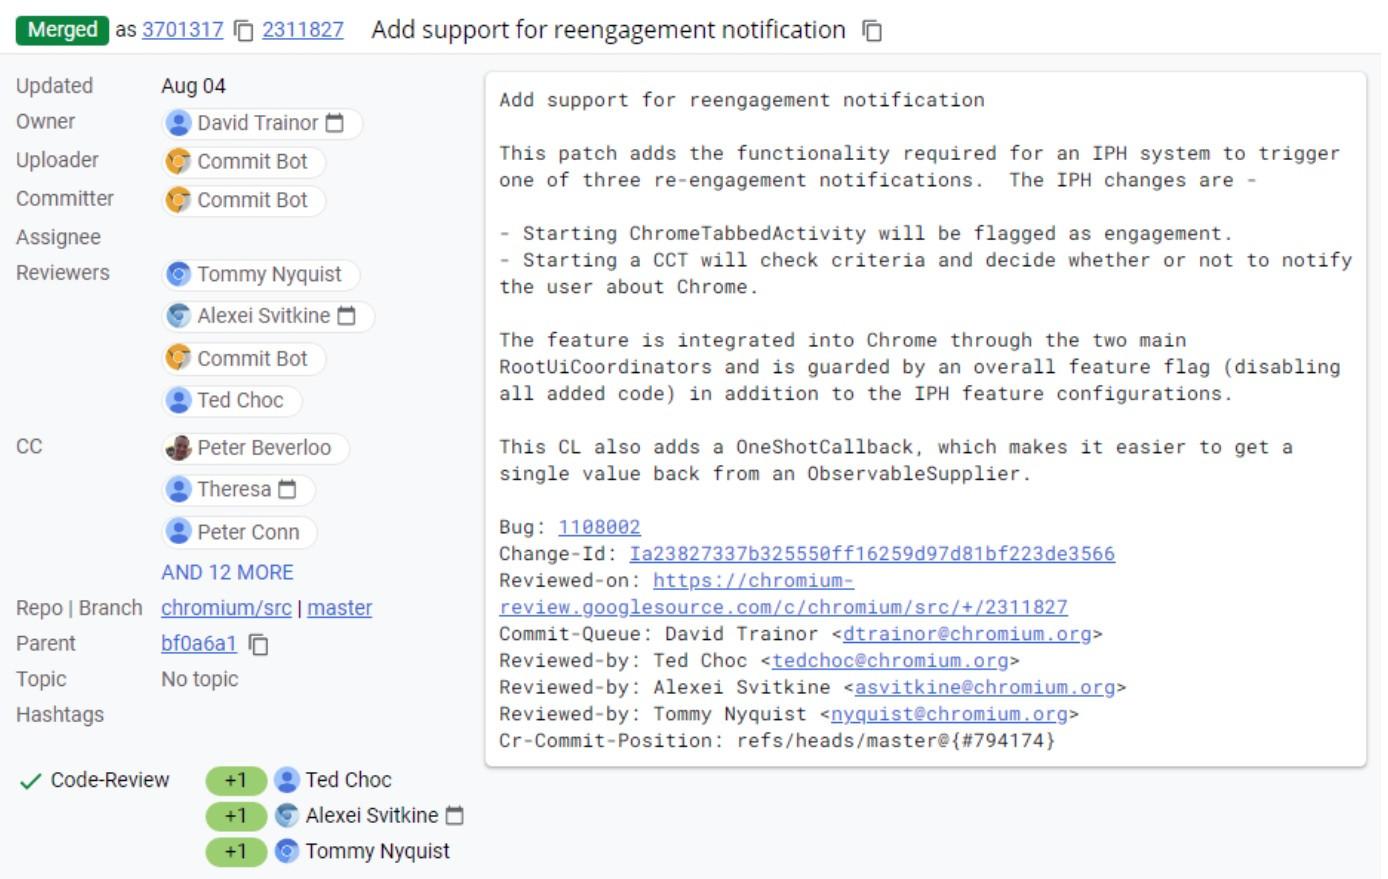 代码显示:Chrome 浏览器可能会发送通知提醒用户使用该软件